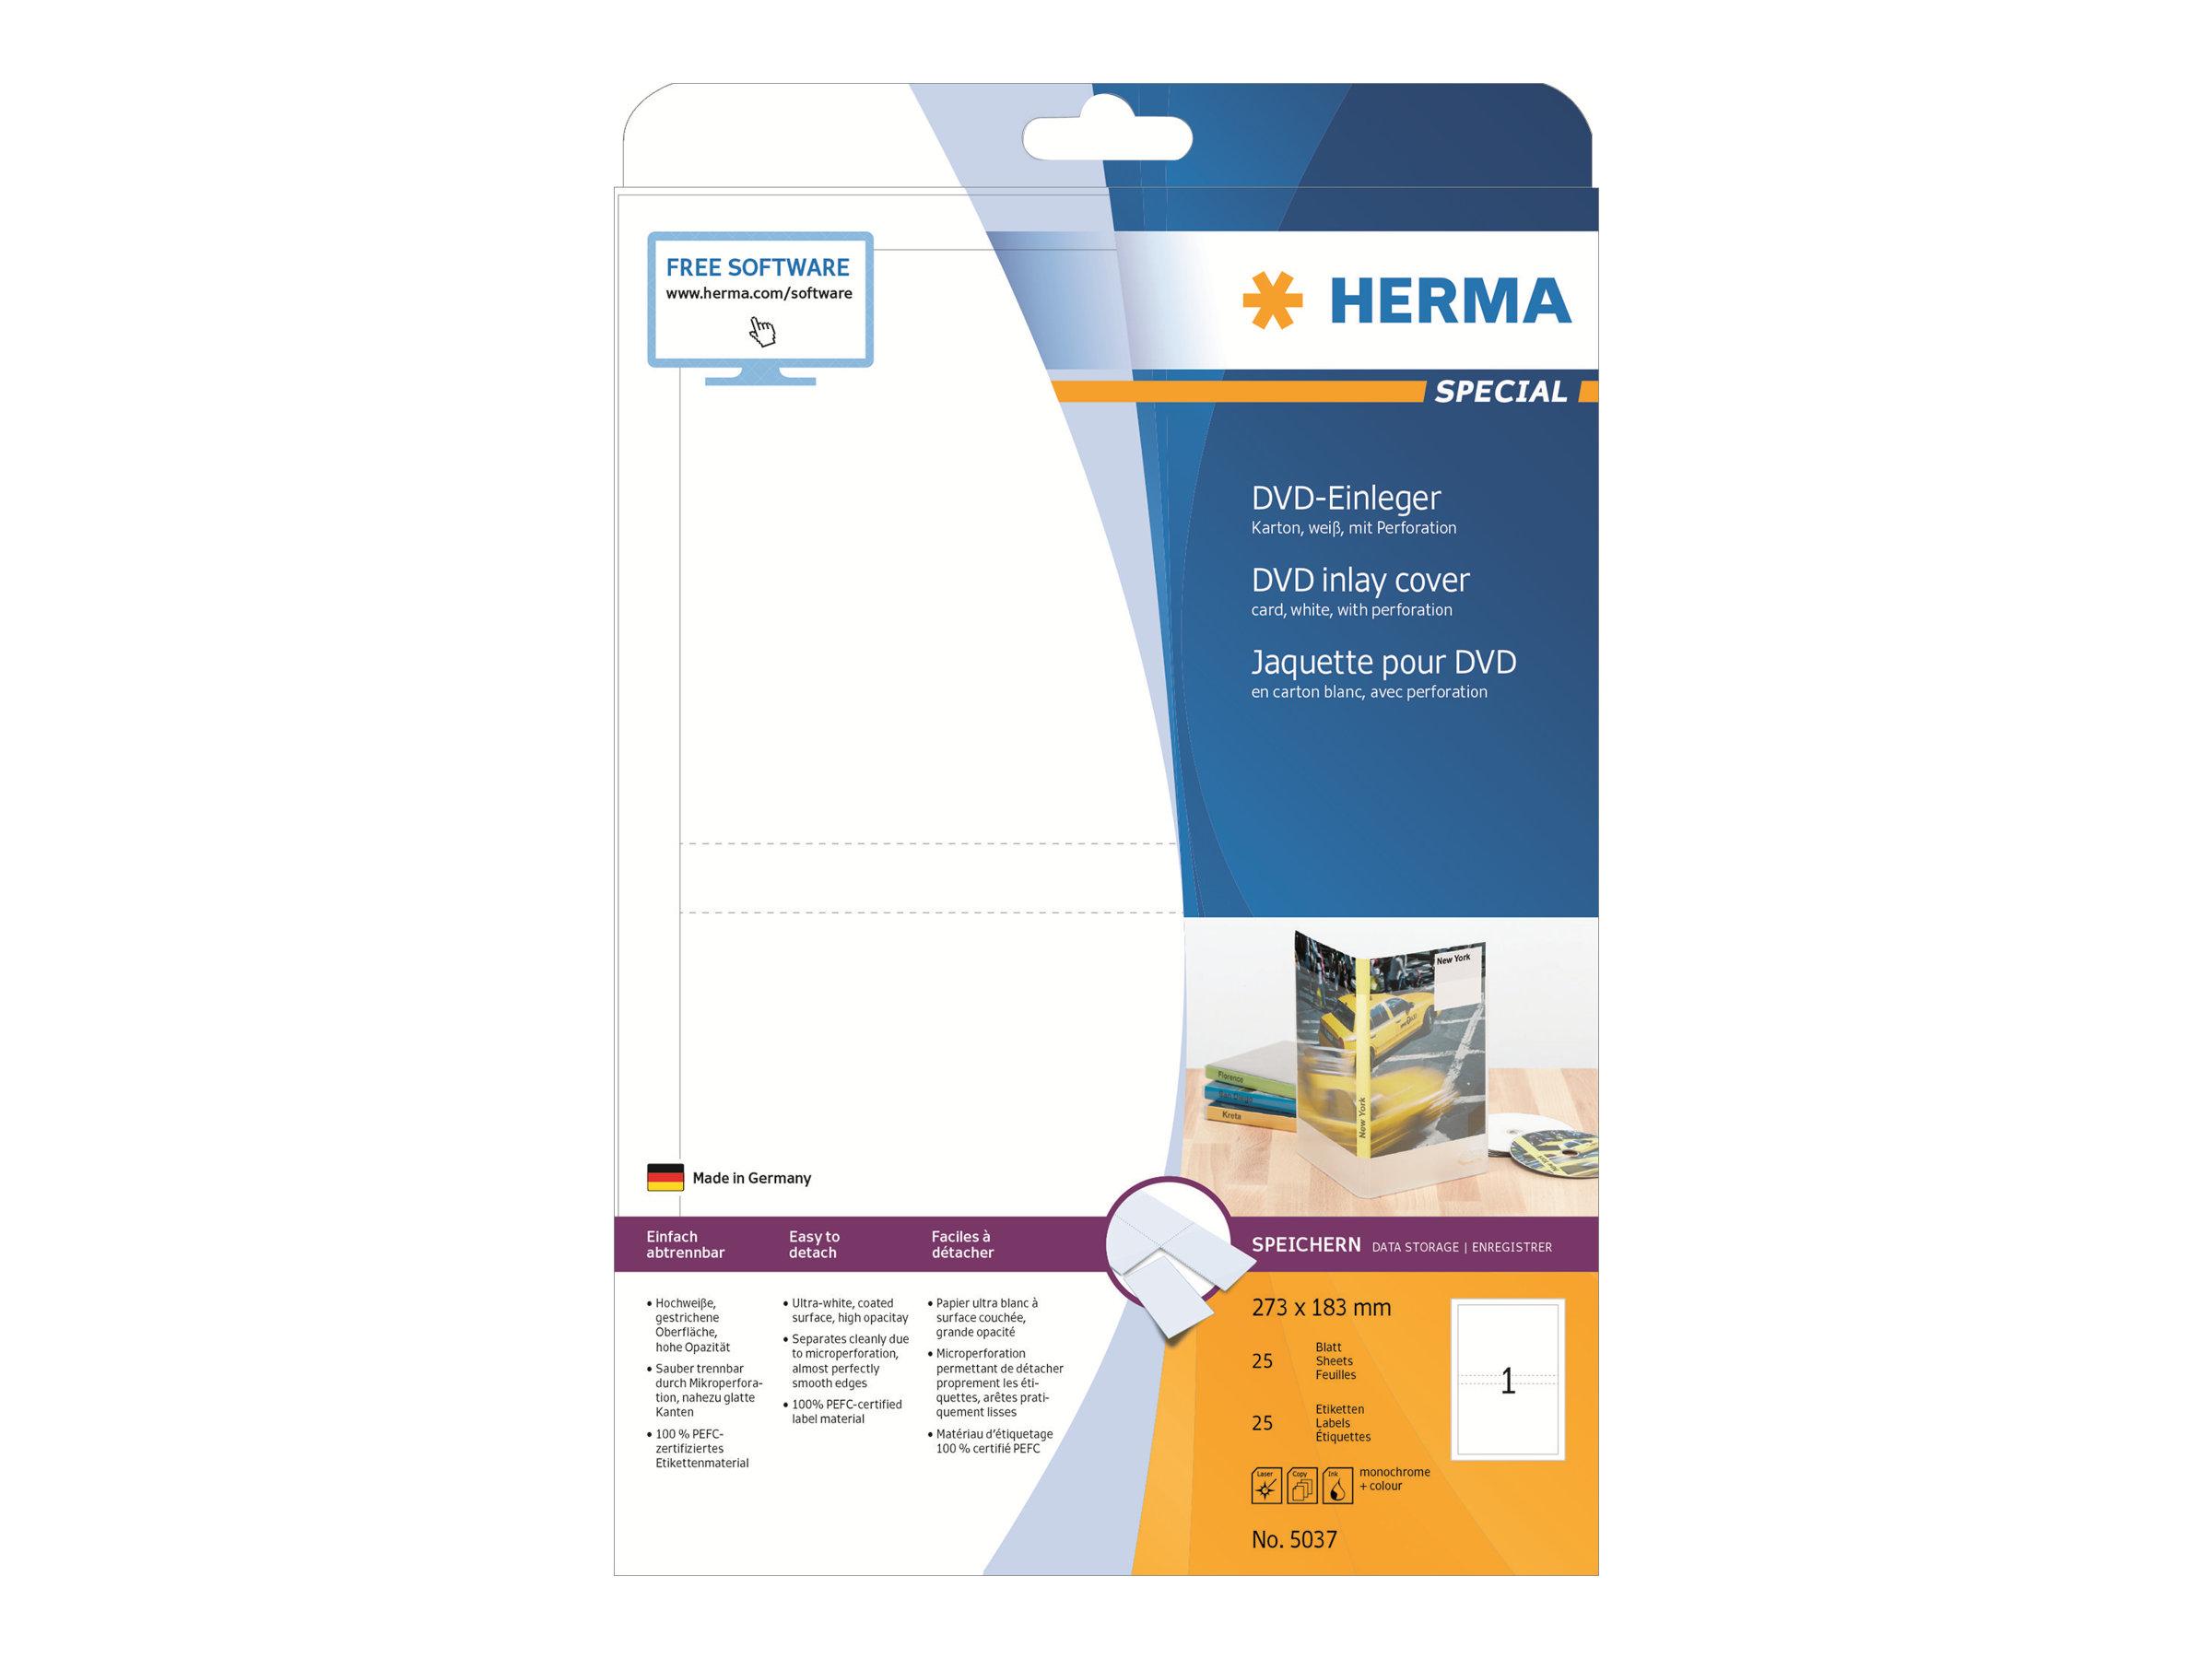 HERMA Special - Weiß - 183 x 273 mm 25 Stck. Einlagen für DVD-Hüllen